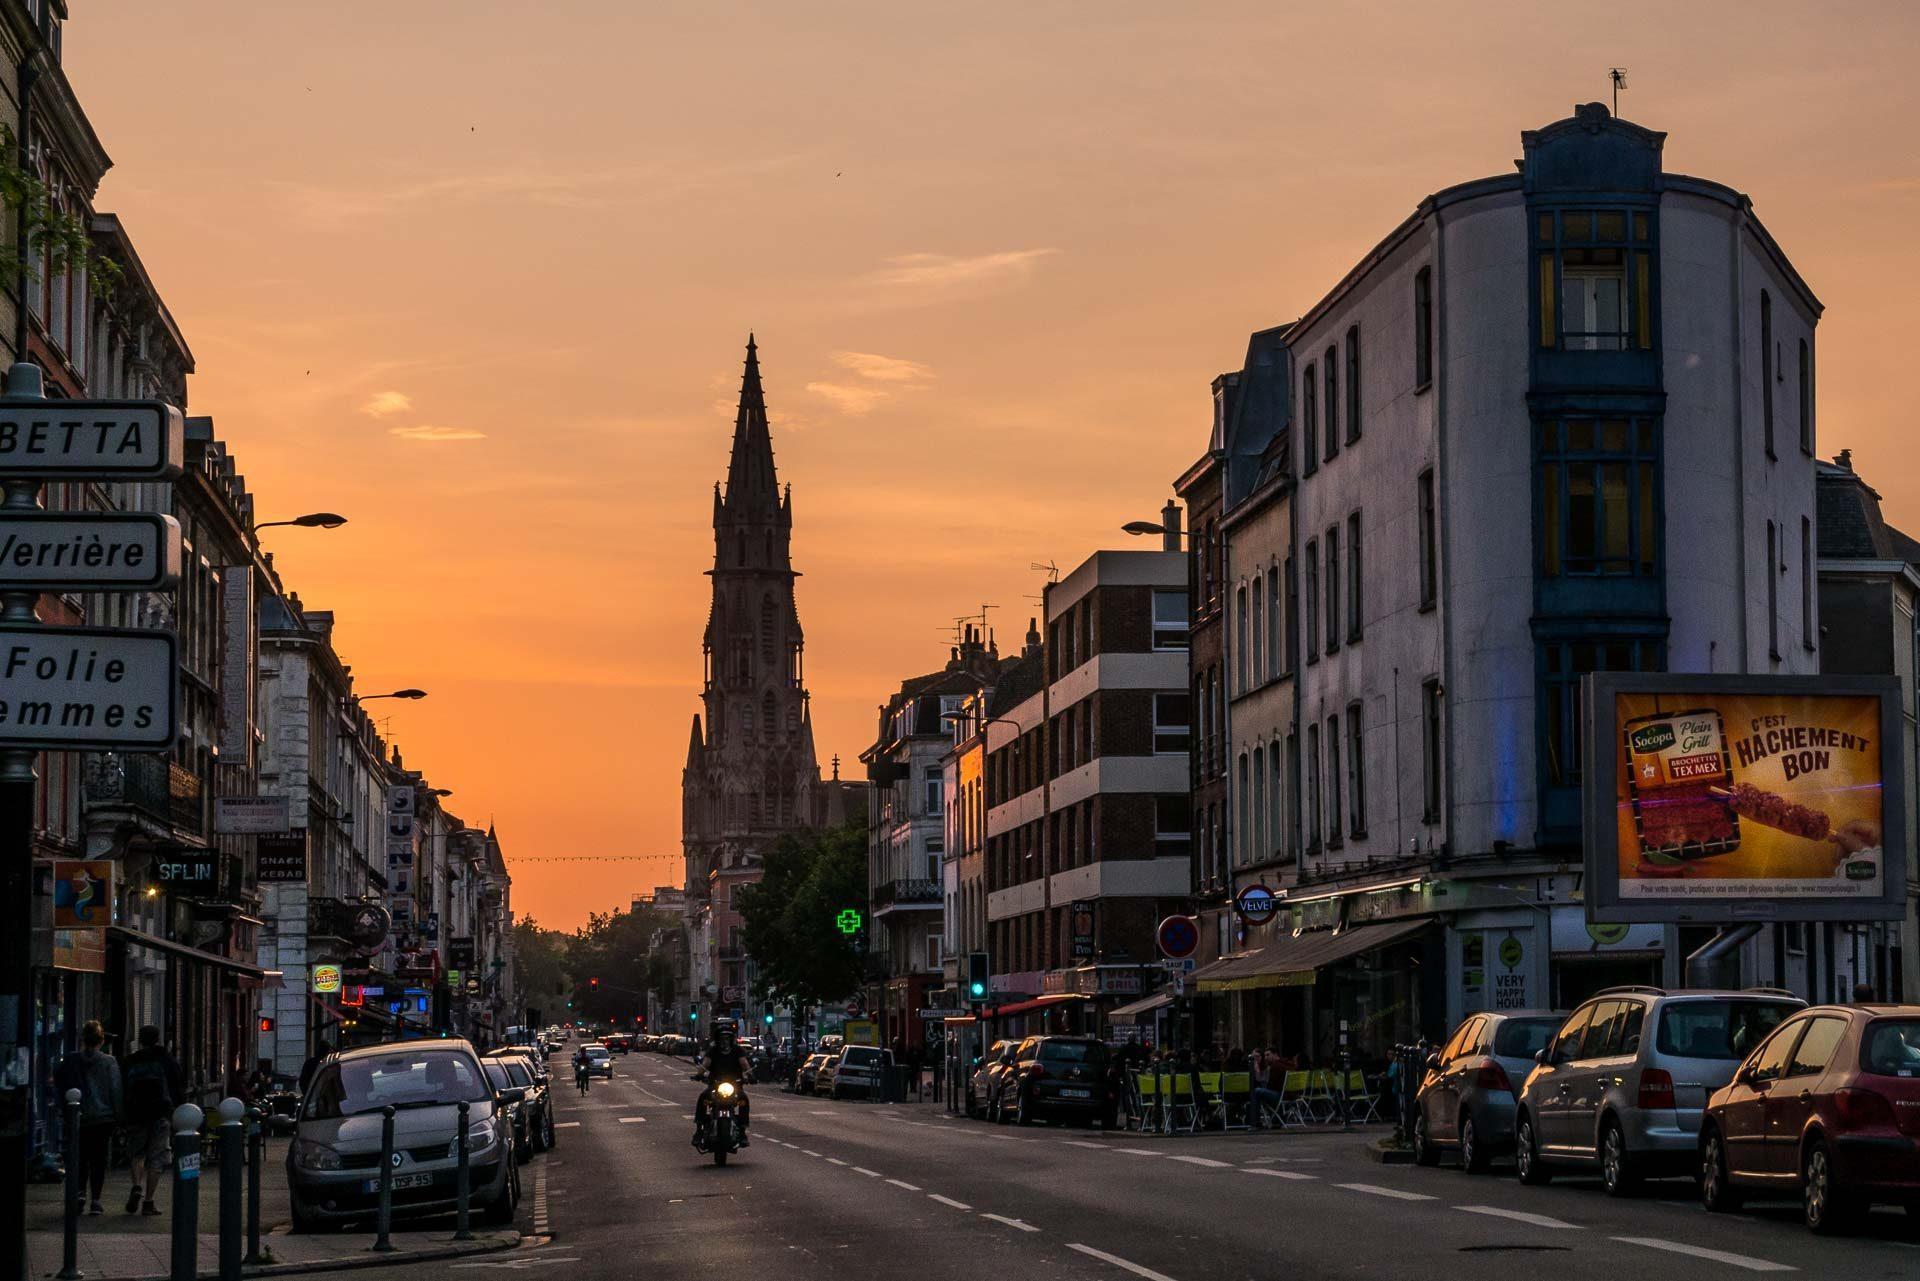 Lille Sehenswürdigkeiten Notre Dame Sonnenuntergang